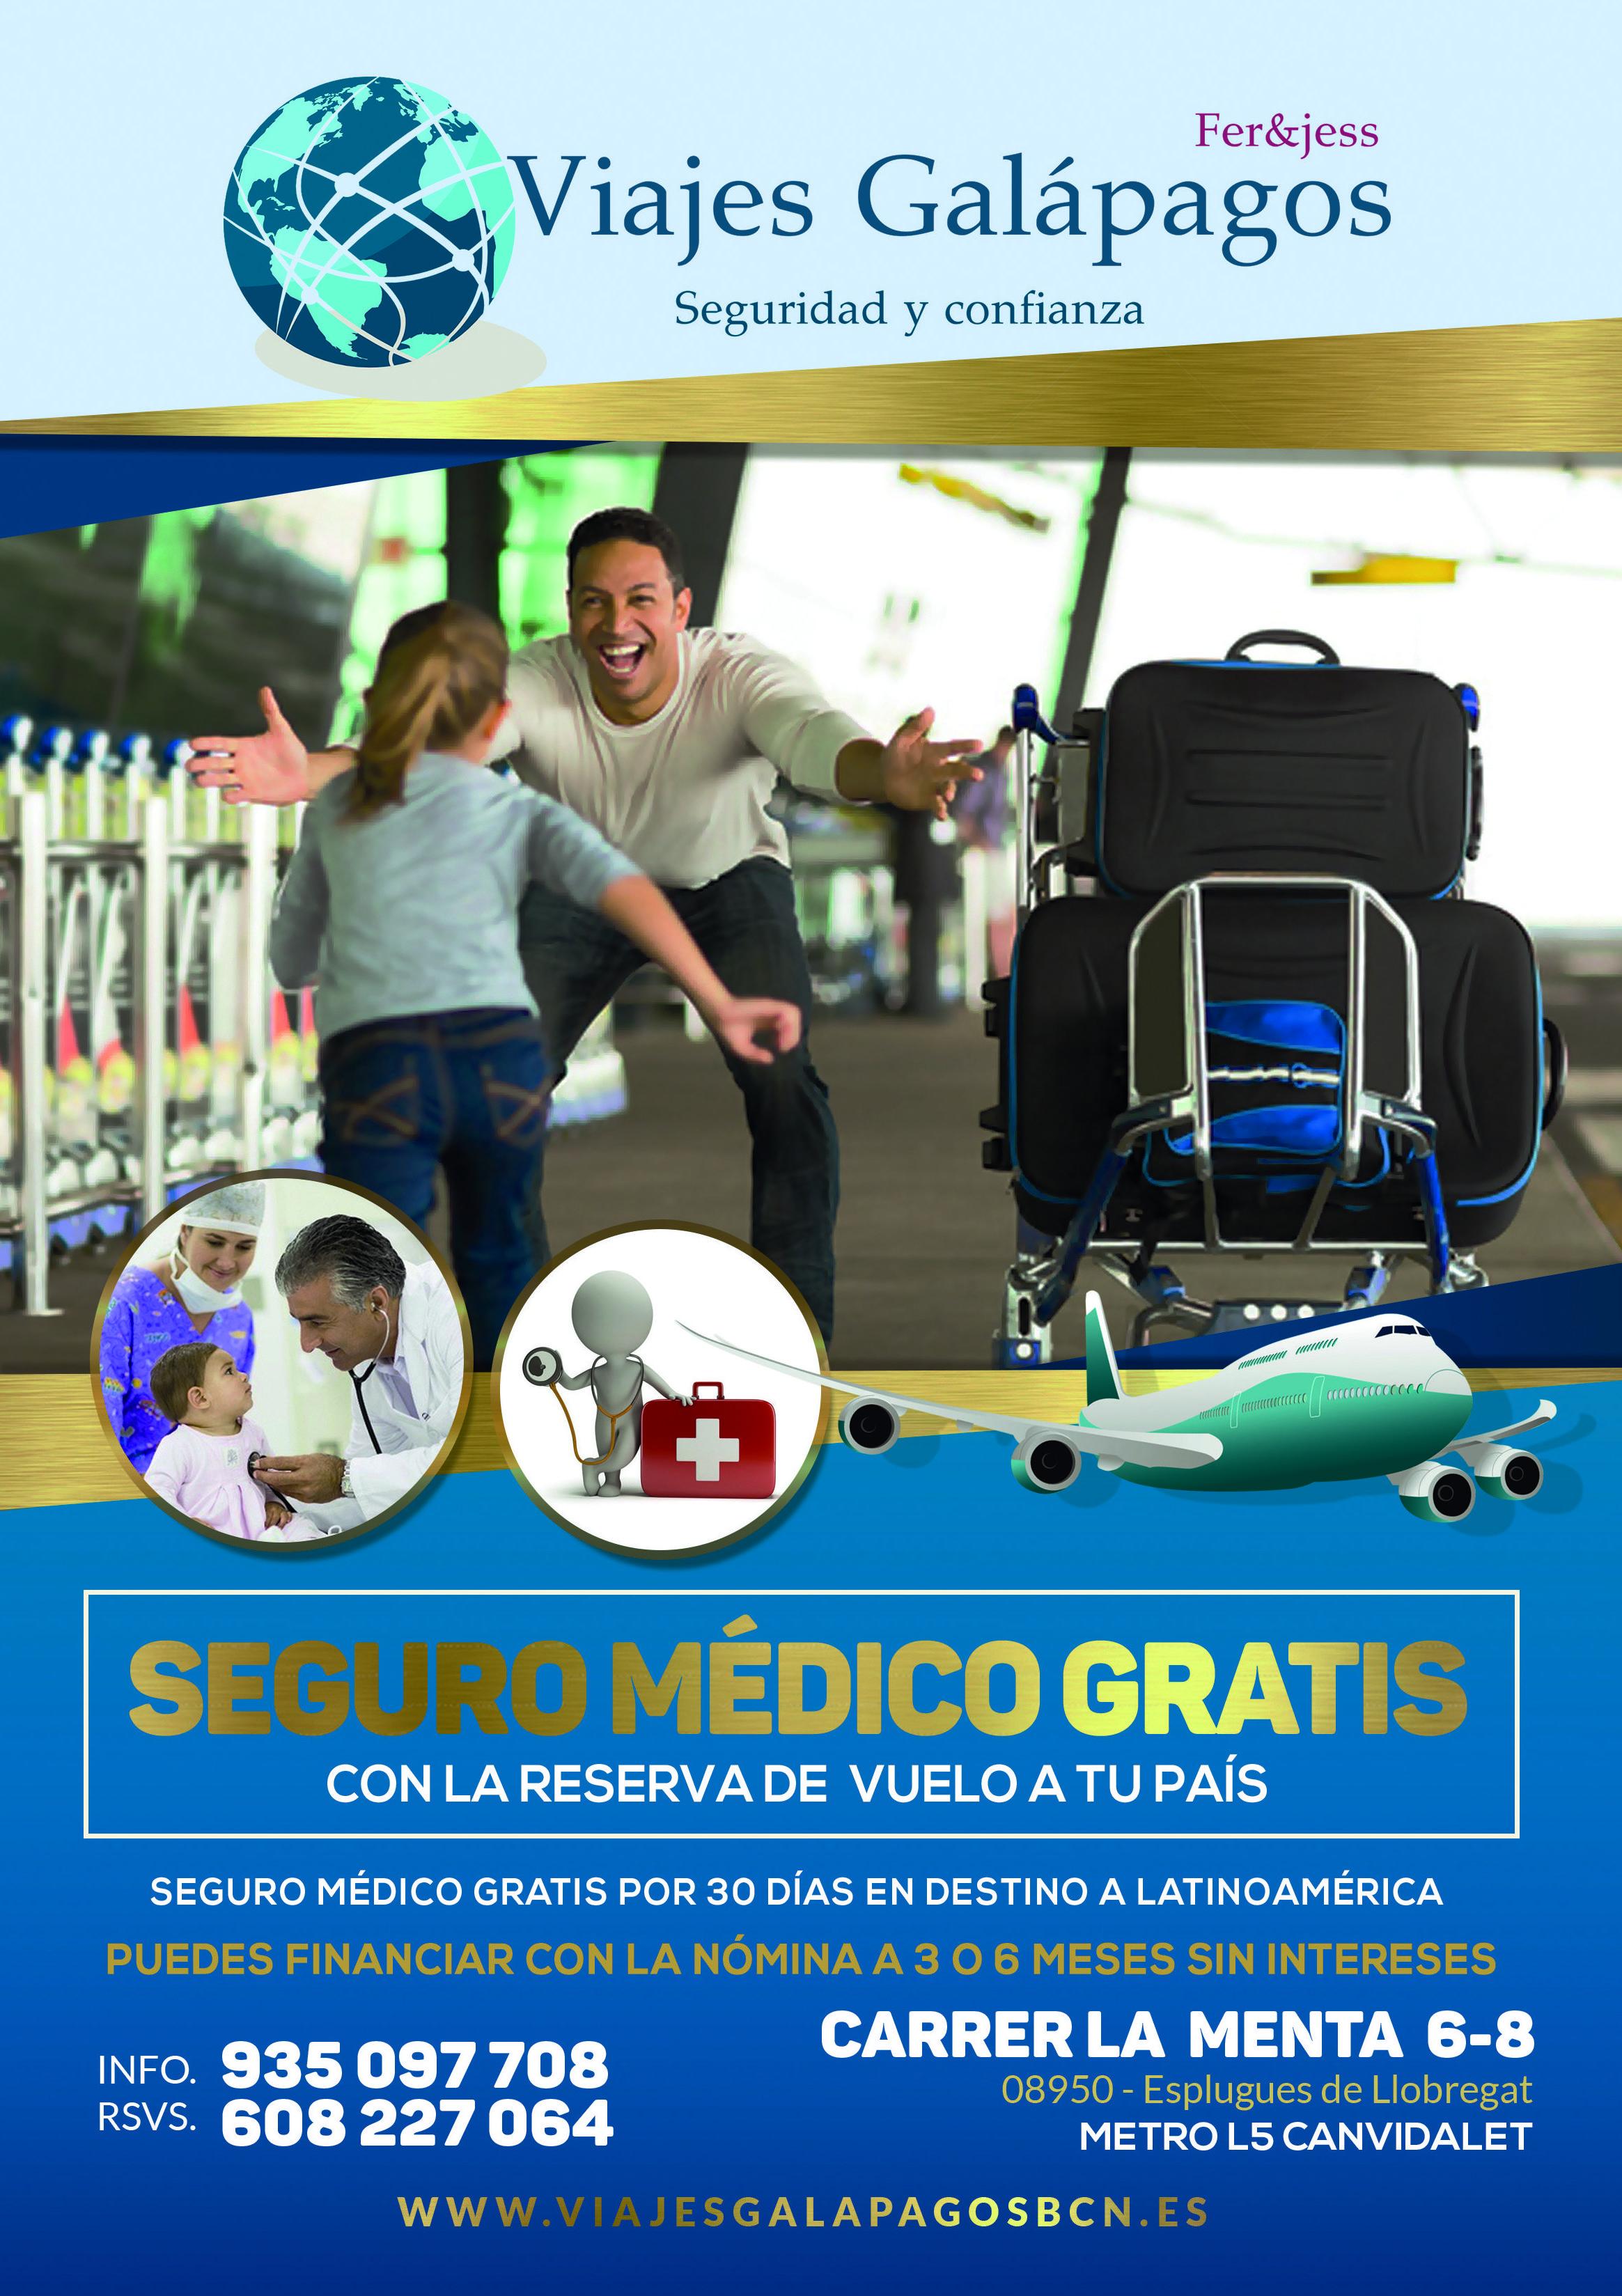 Foto 6 de Agencias de viajes en Esplugues de Llobrega | Viajes Galápagos